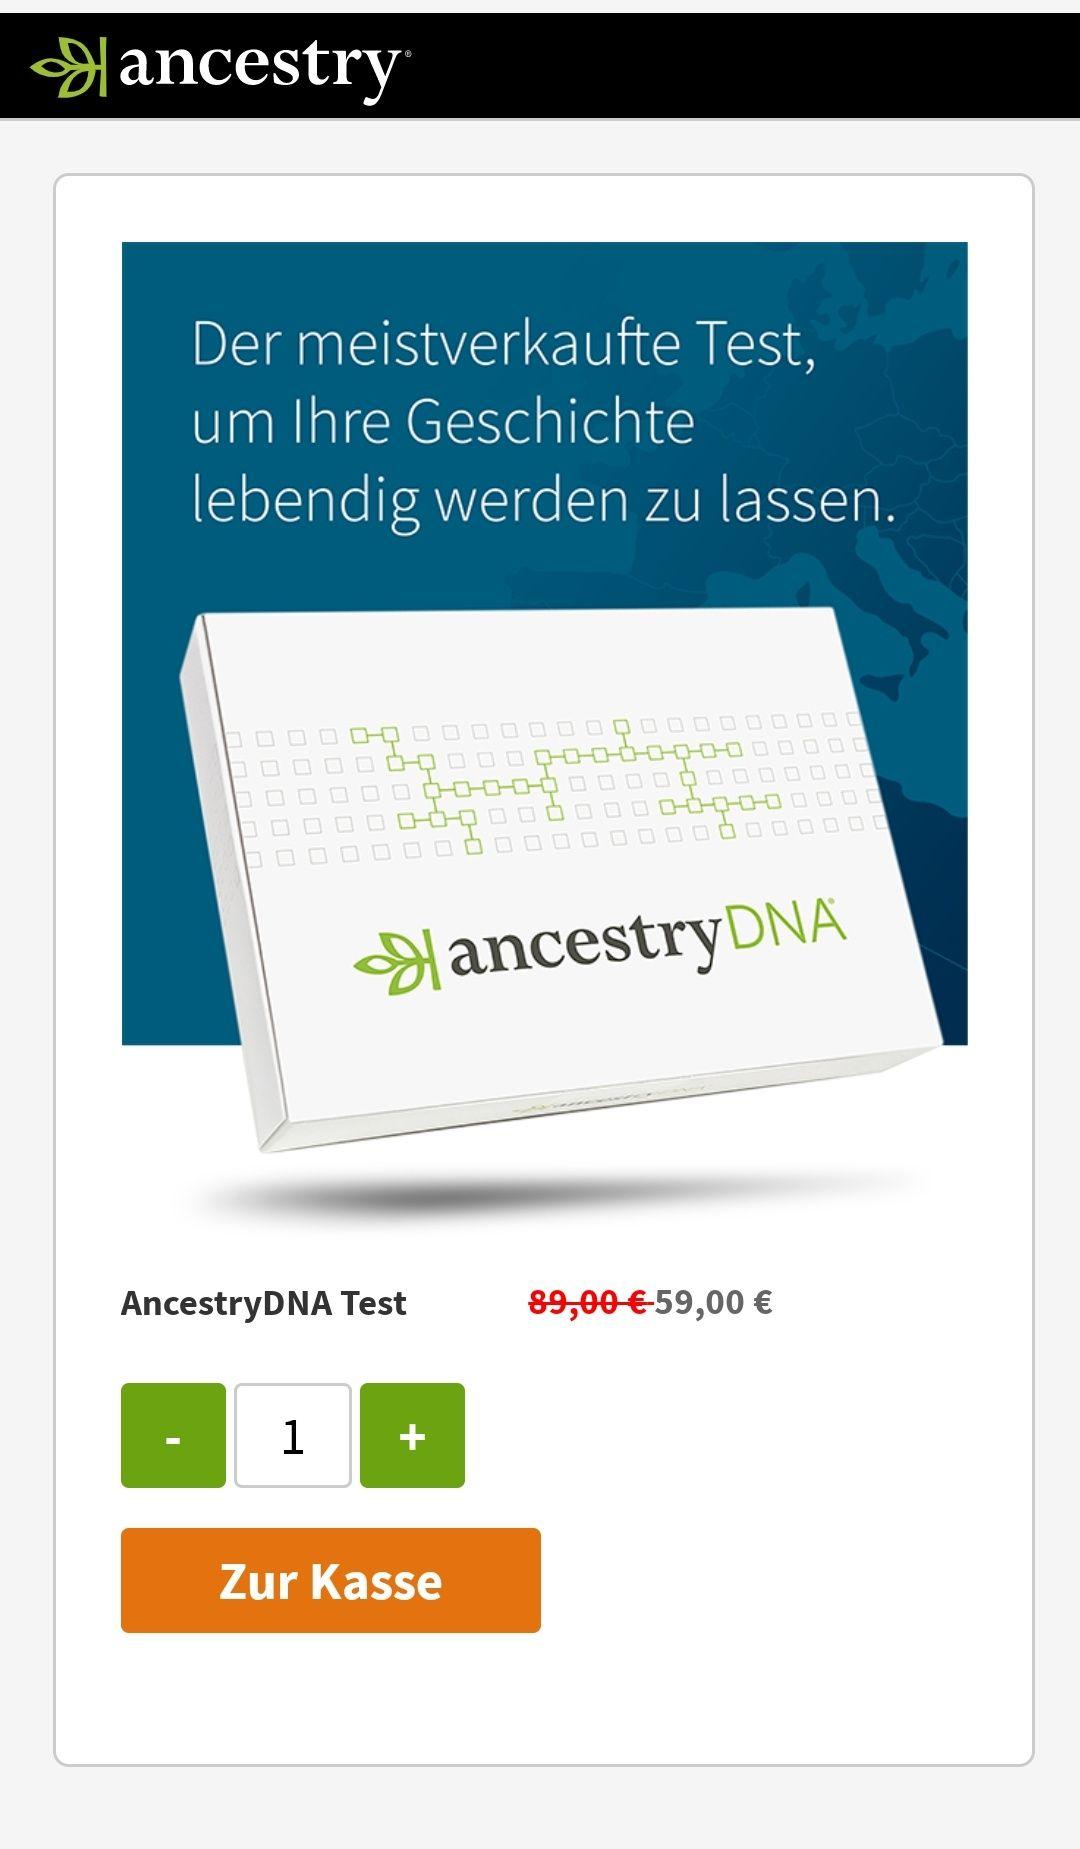 Ancestry DNA Test zur Ahnenforschung 59€, bei zwei Tests versandkostenfrei